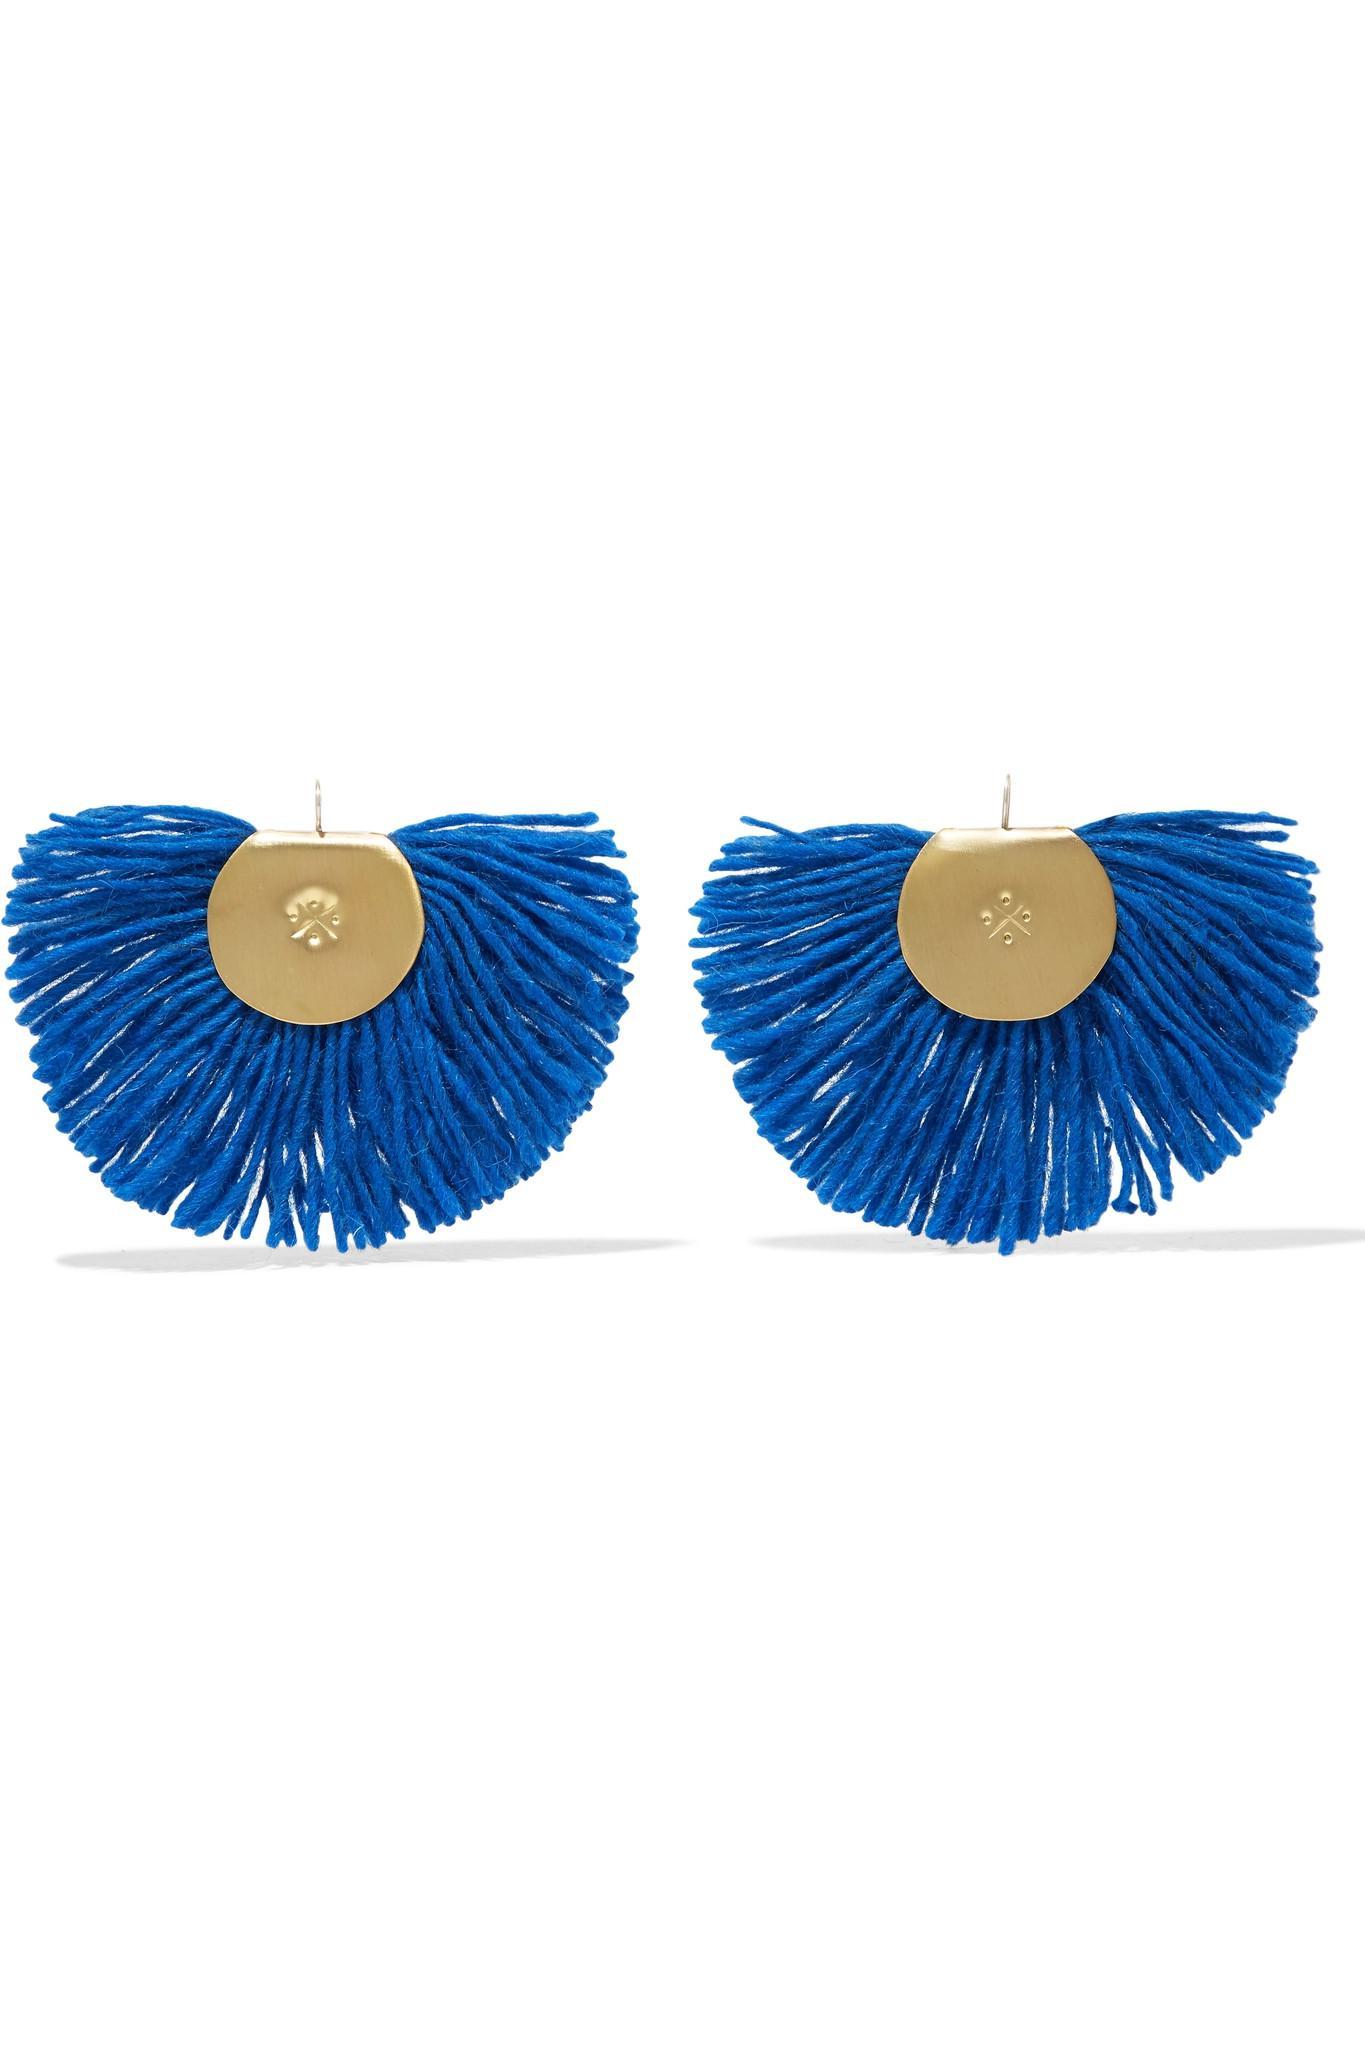 Fan Fringed Gold-tone Earrings - Blue Katerina Makriyianni Ev5GwtF5K